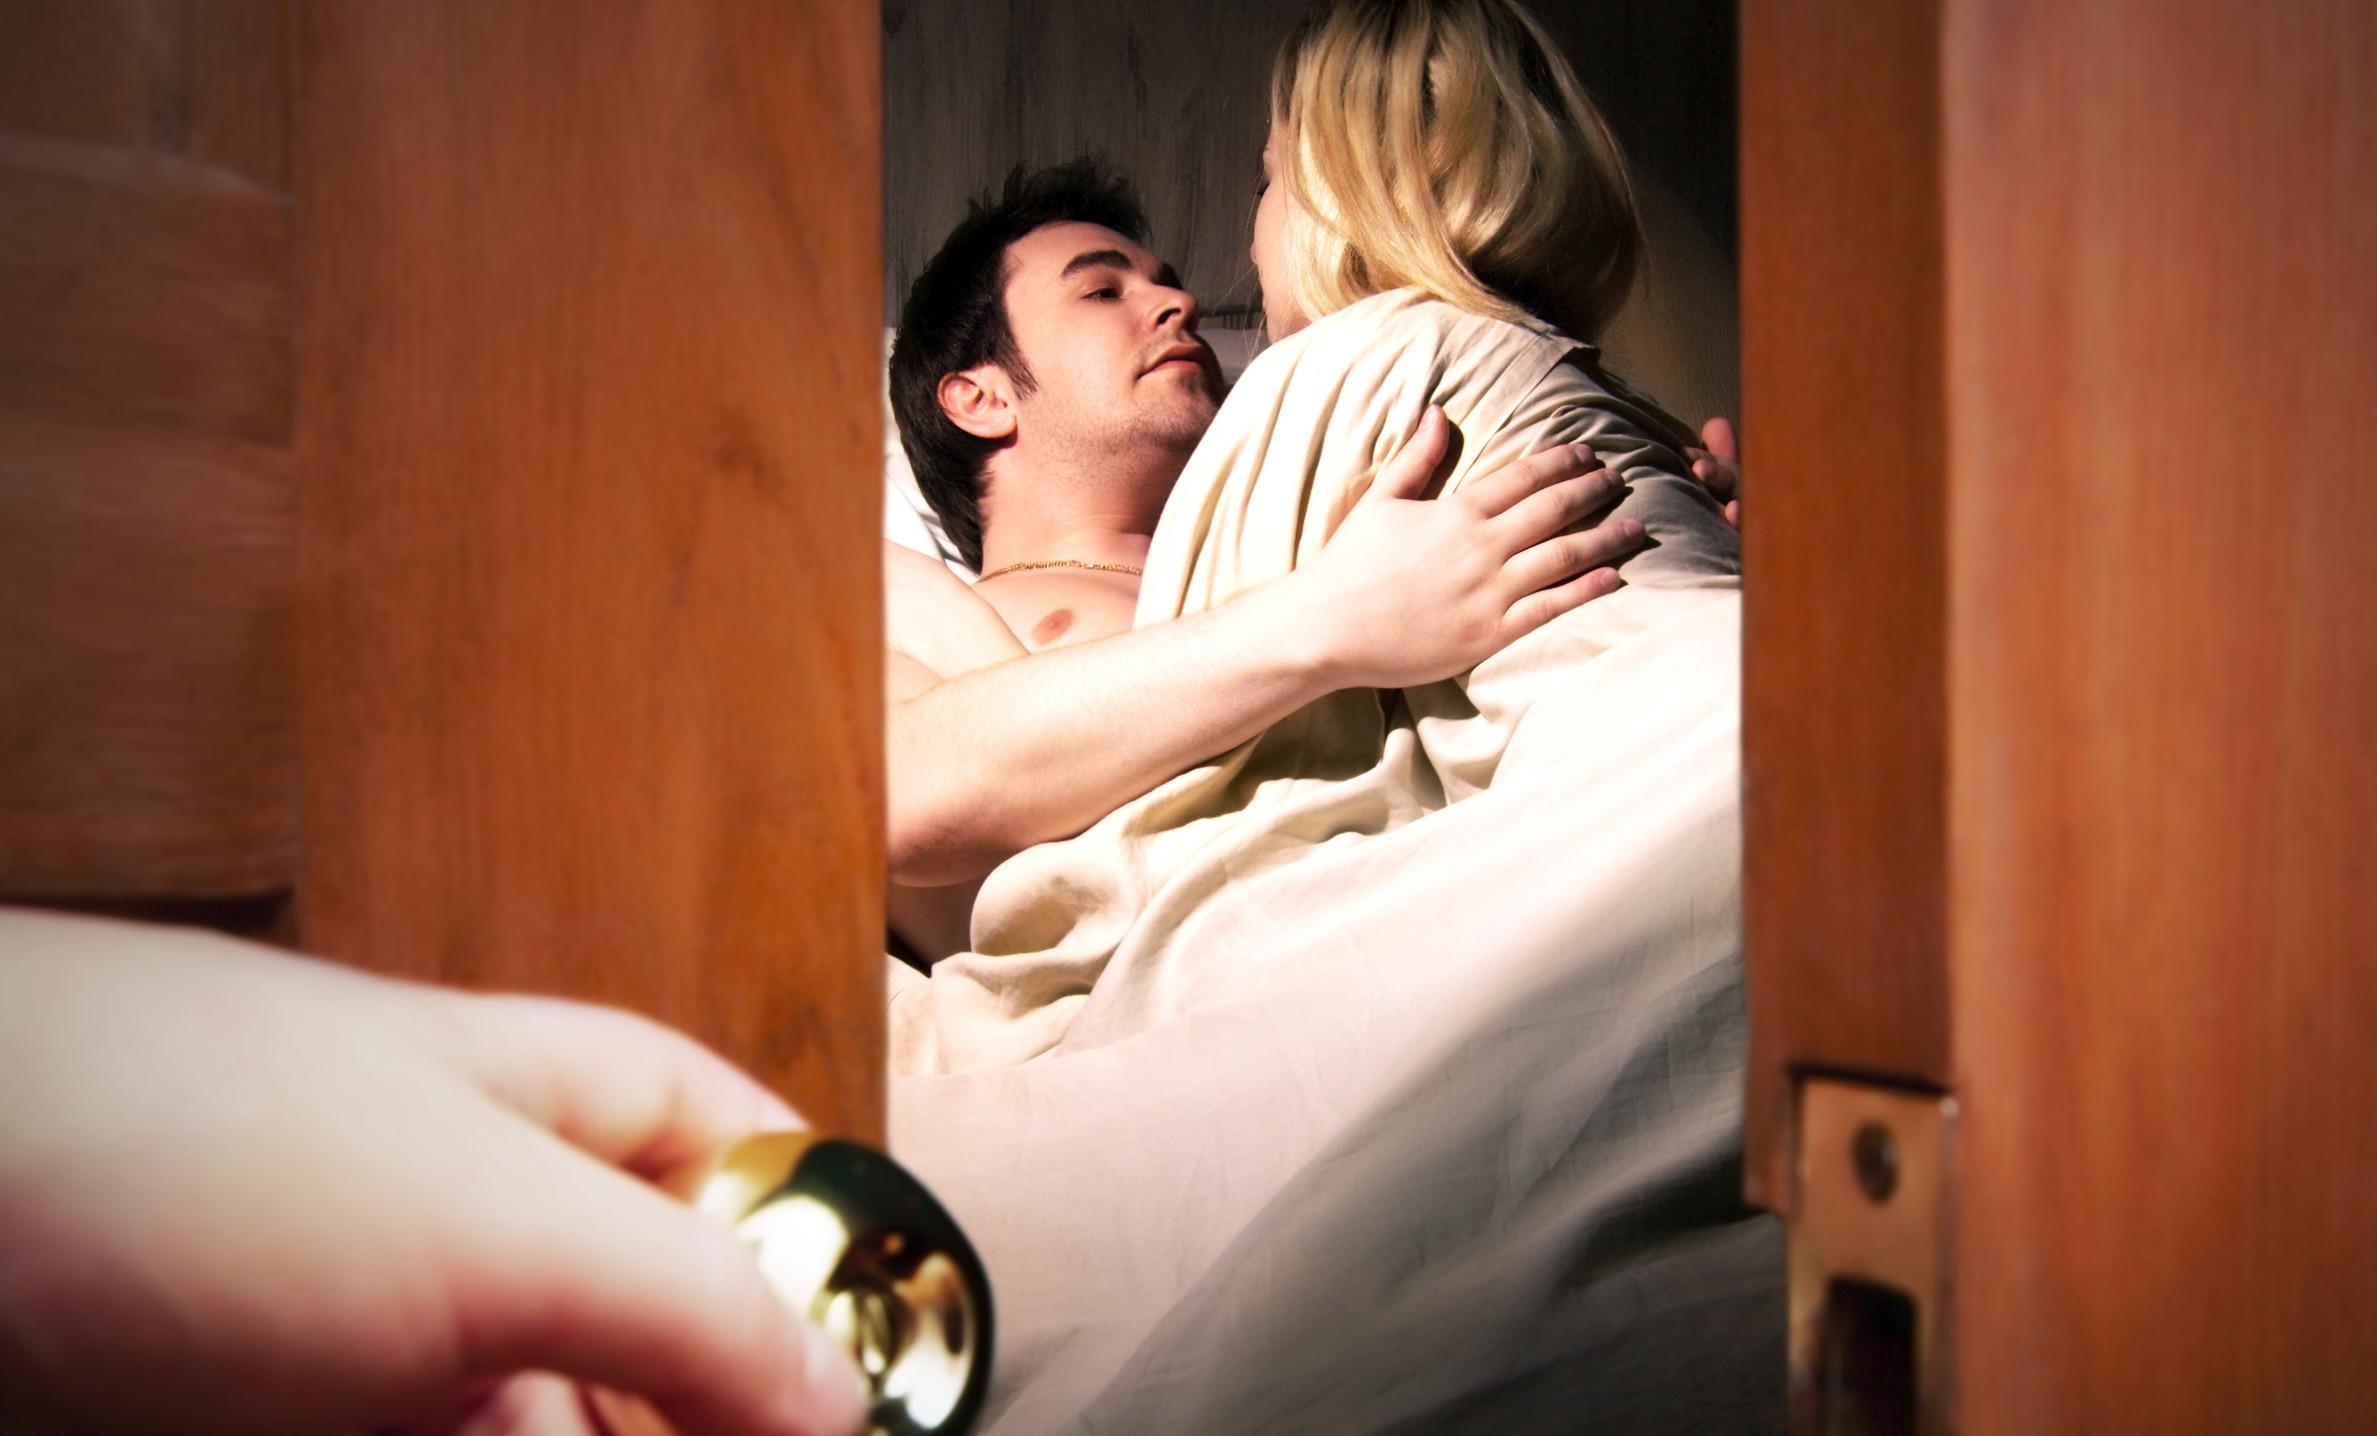 Жесткие жена спалила мужа как он ей изменяет взрослые фото порно